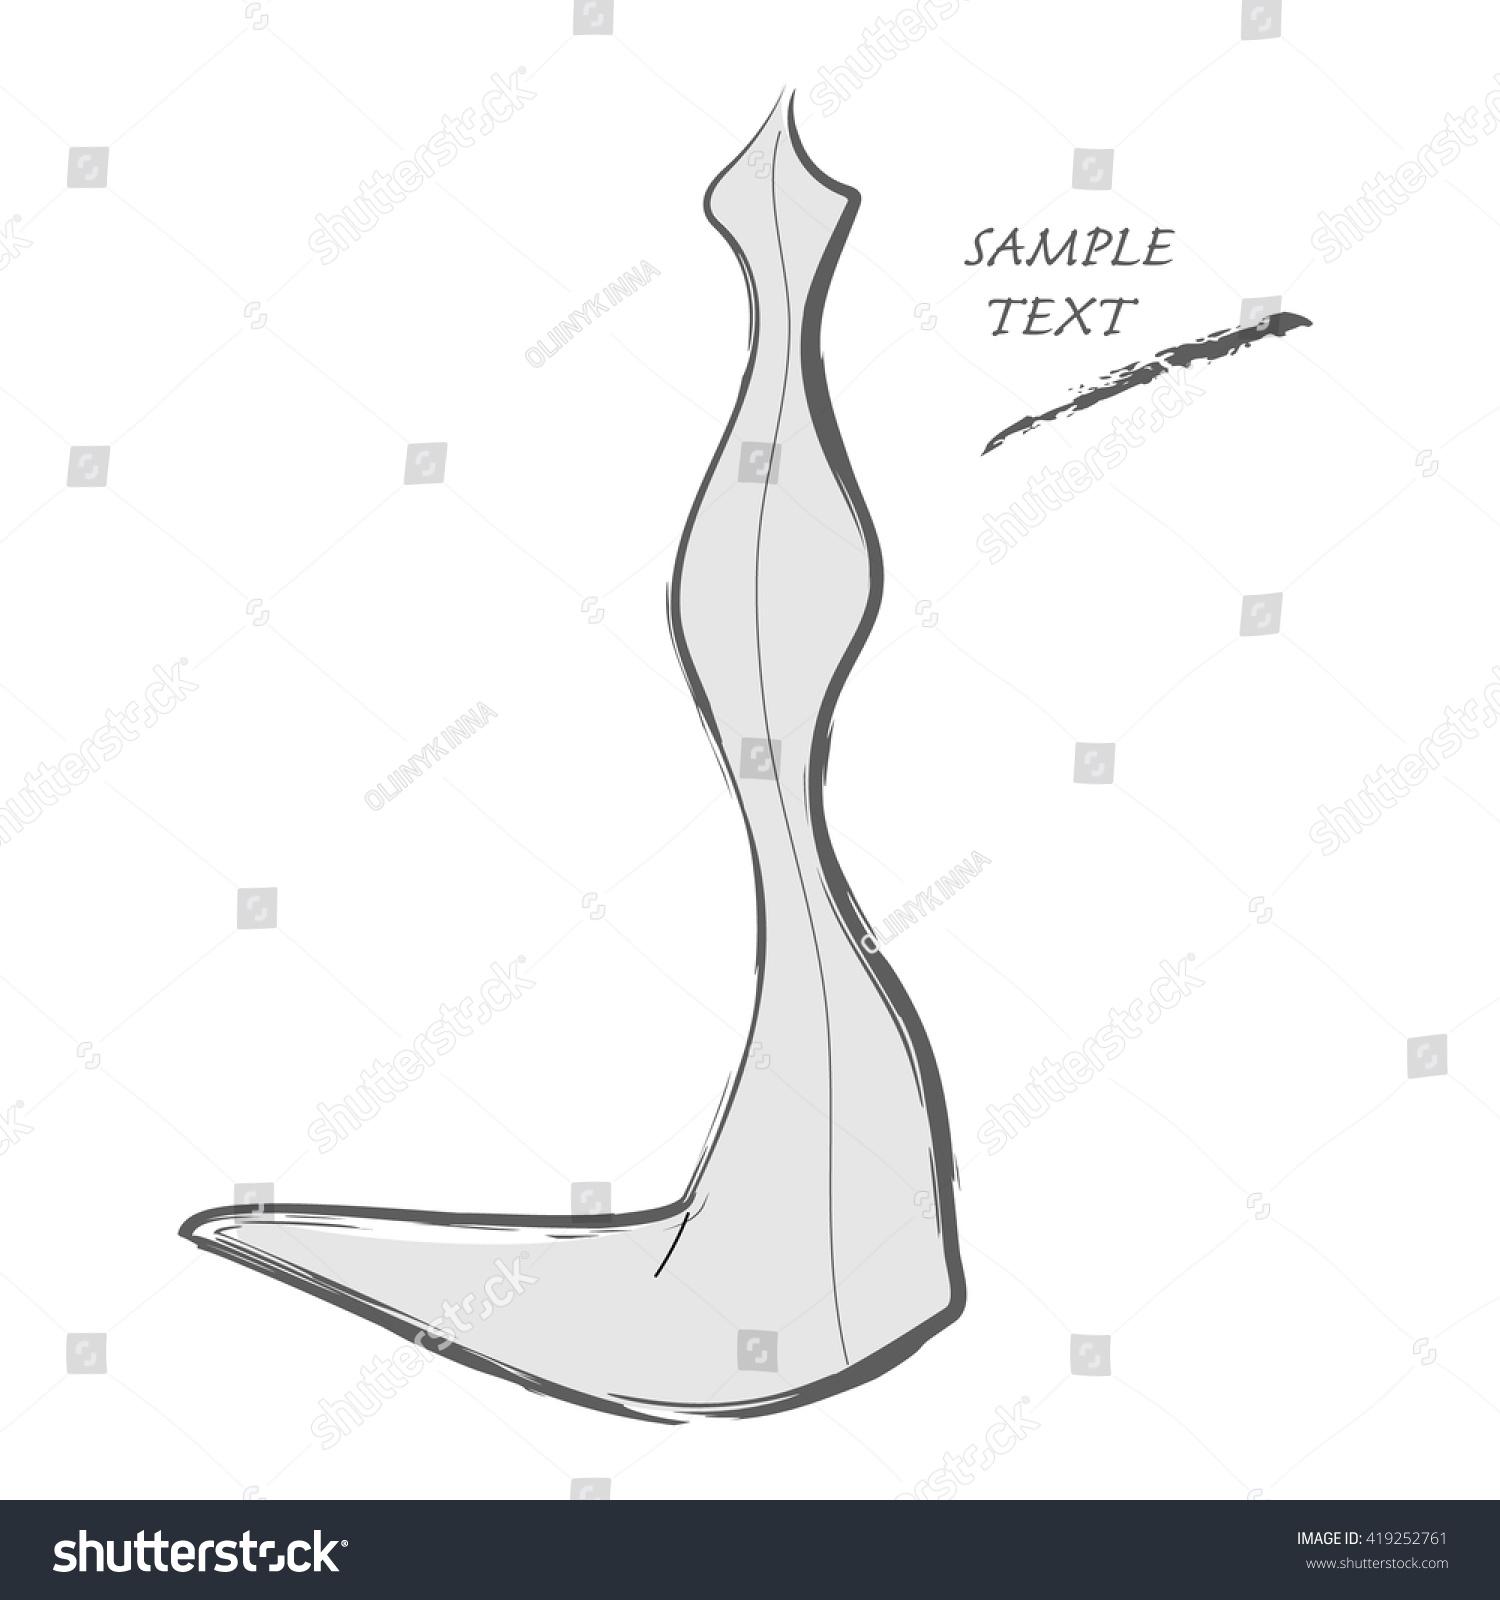 Dress outline sketch